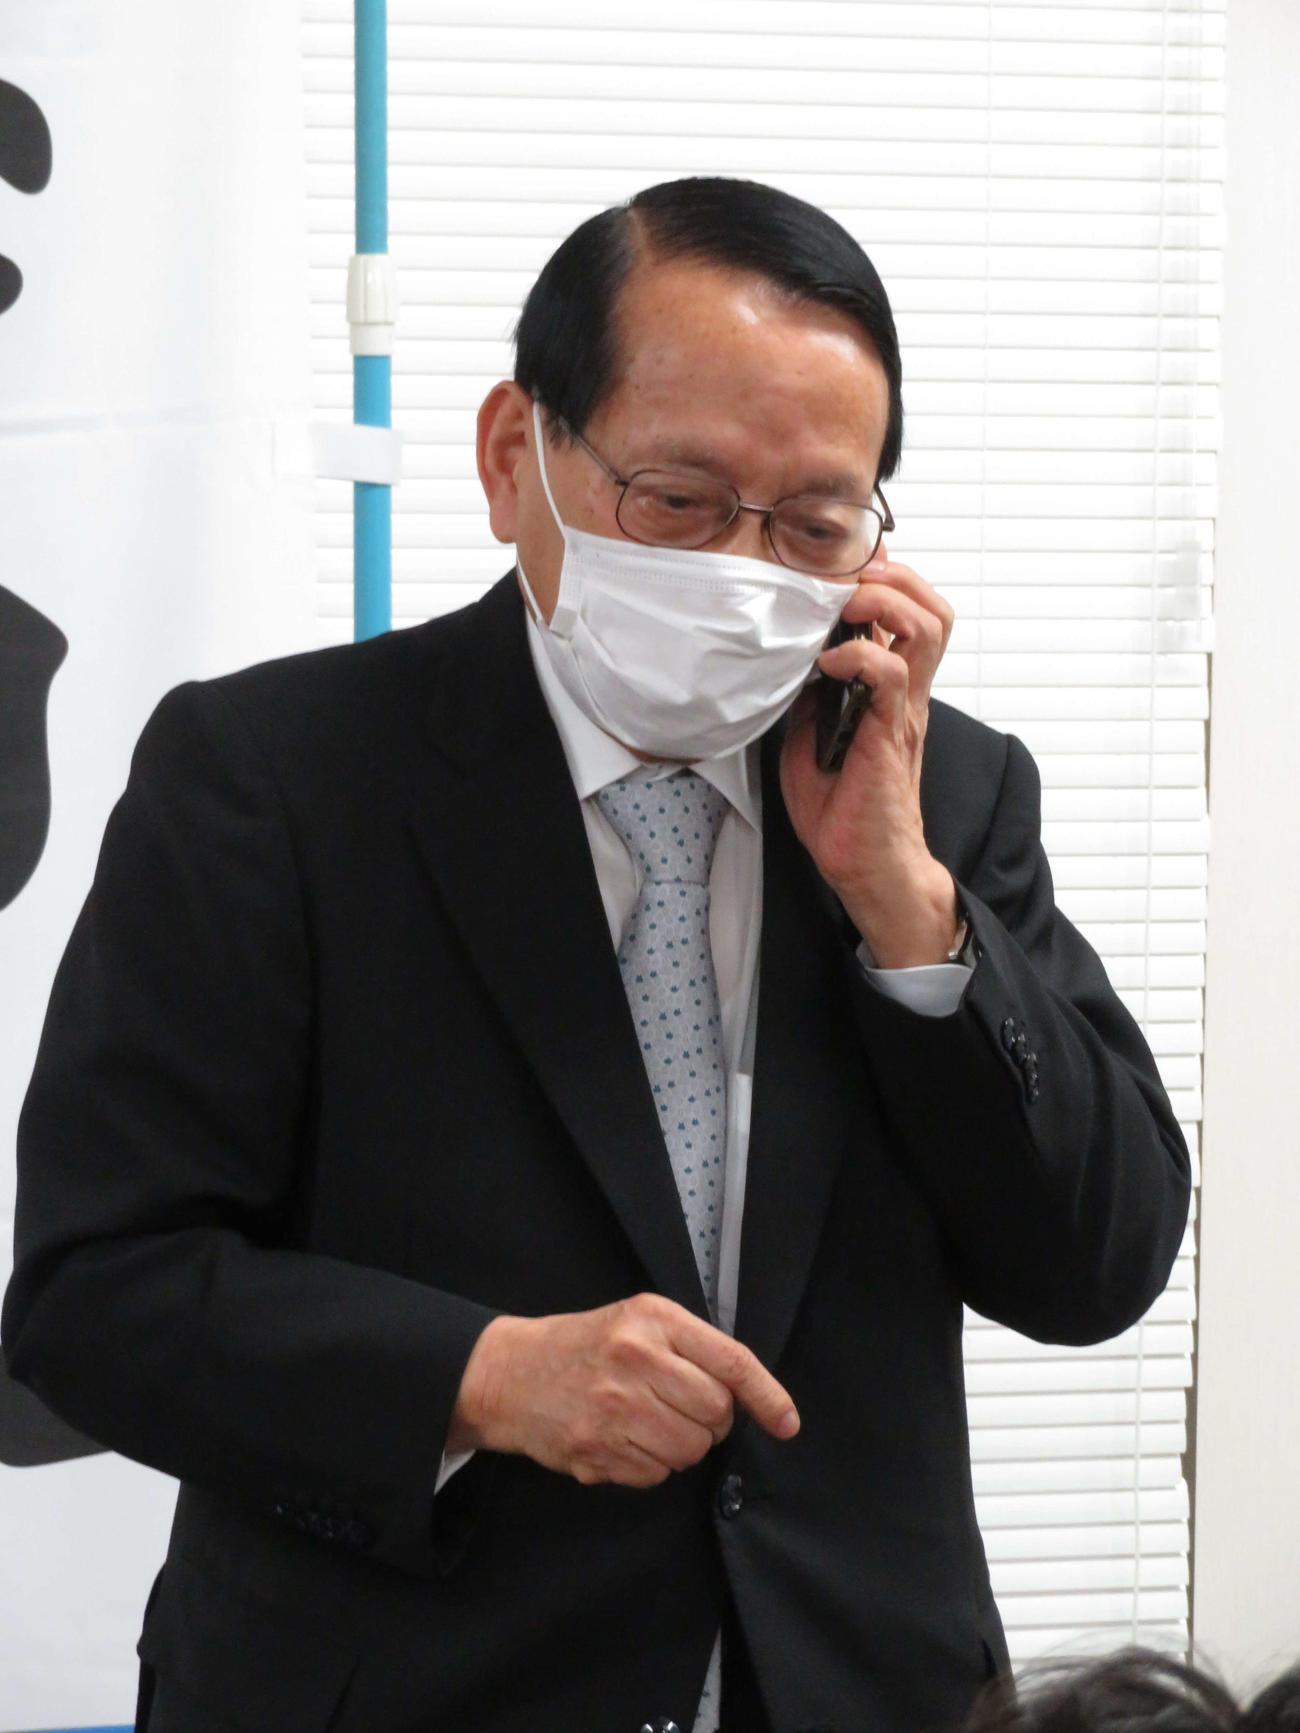 復興相決定の電話を受ける平沢勝栄氏(撮影・近藤由美子)